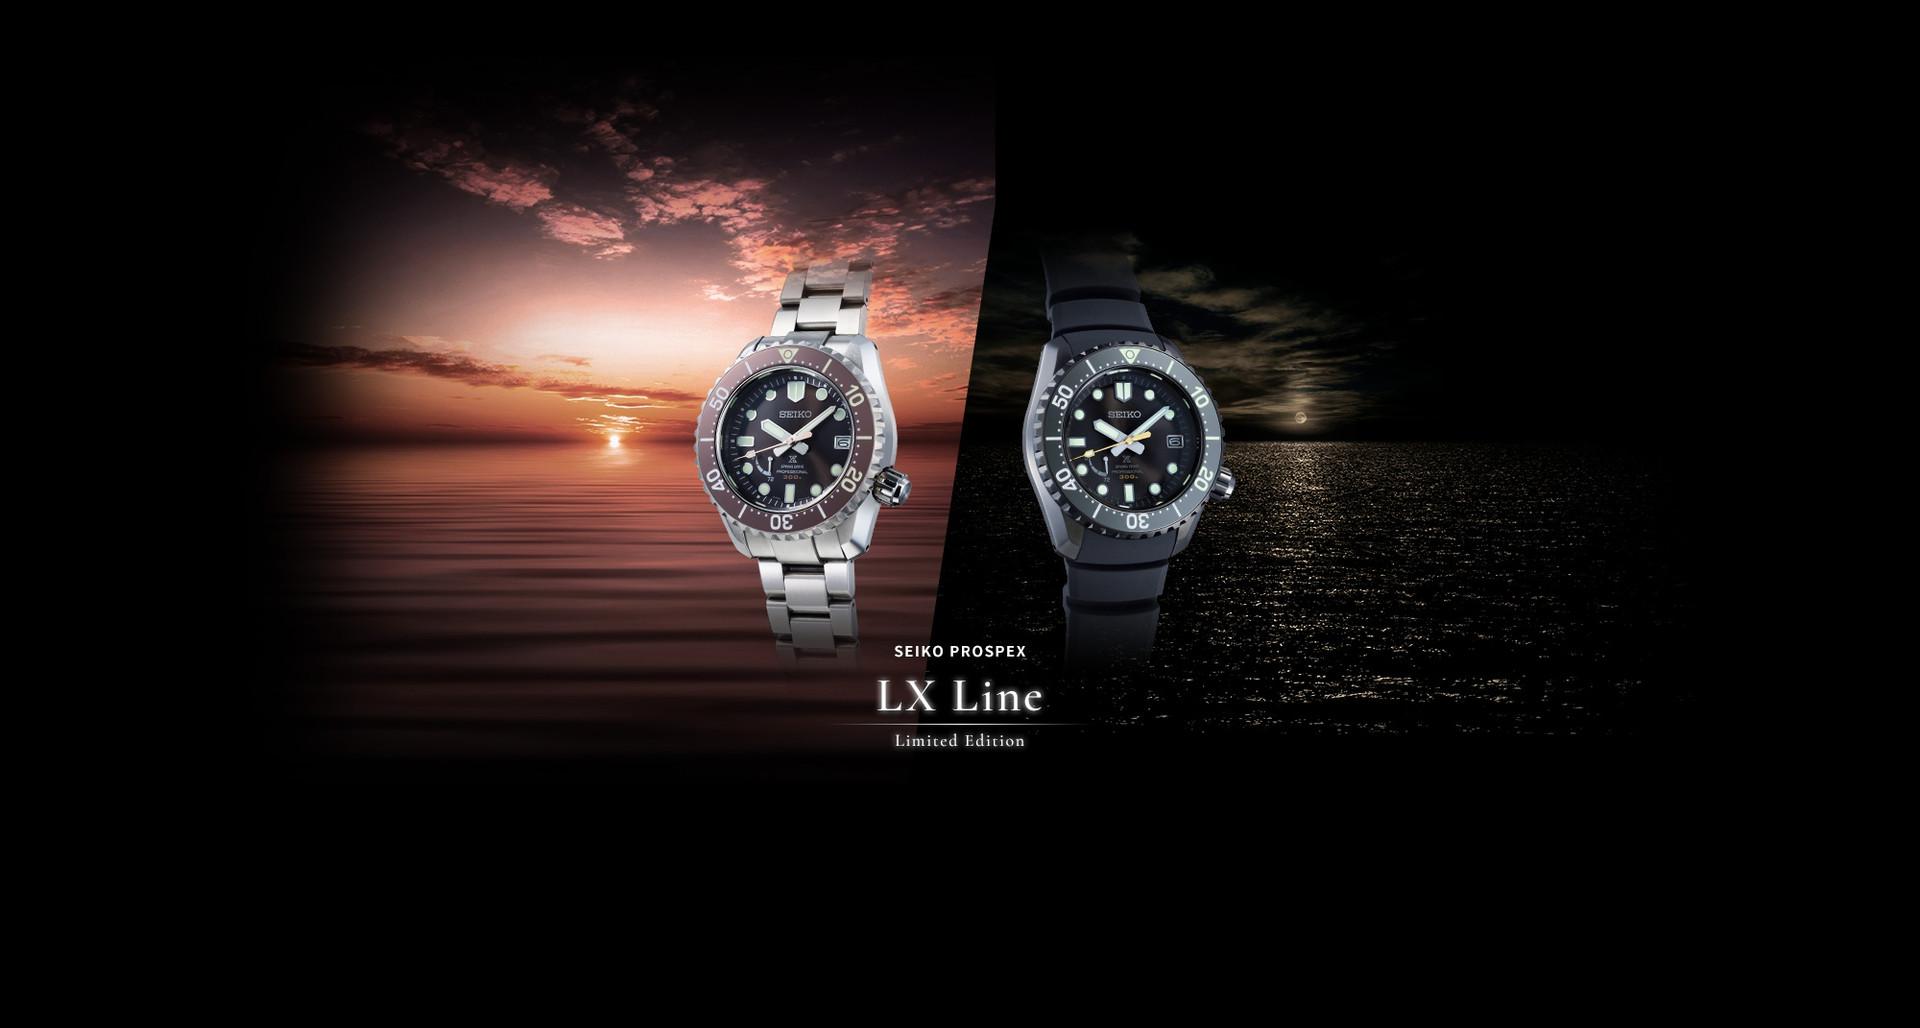 SEIKO LX LINE